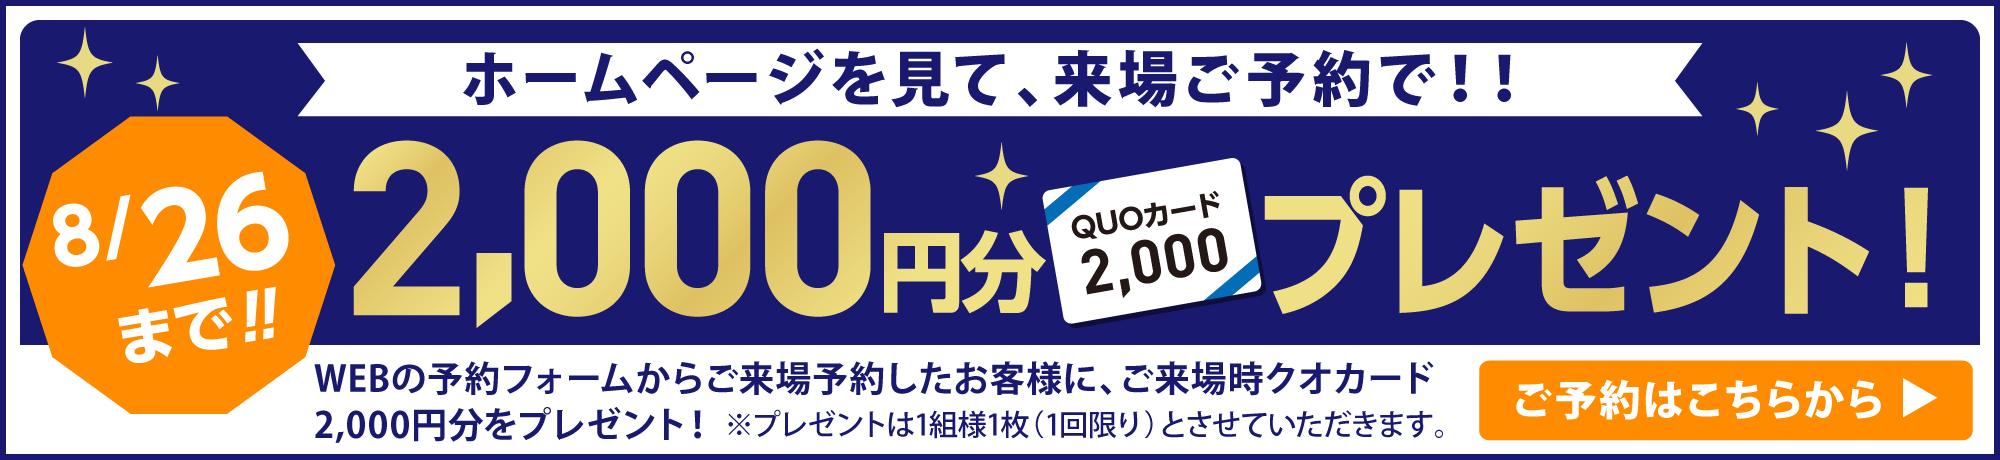 ホームページを見て来場ご予約で、今だけ2000円分クオカードプレゼント